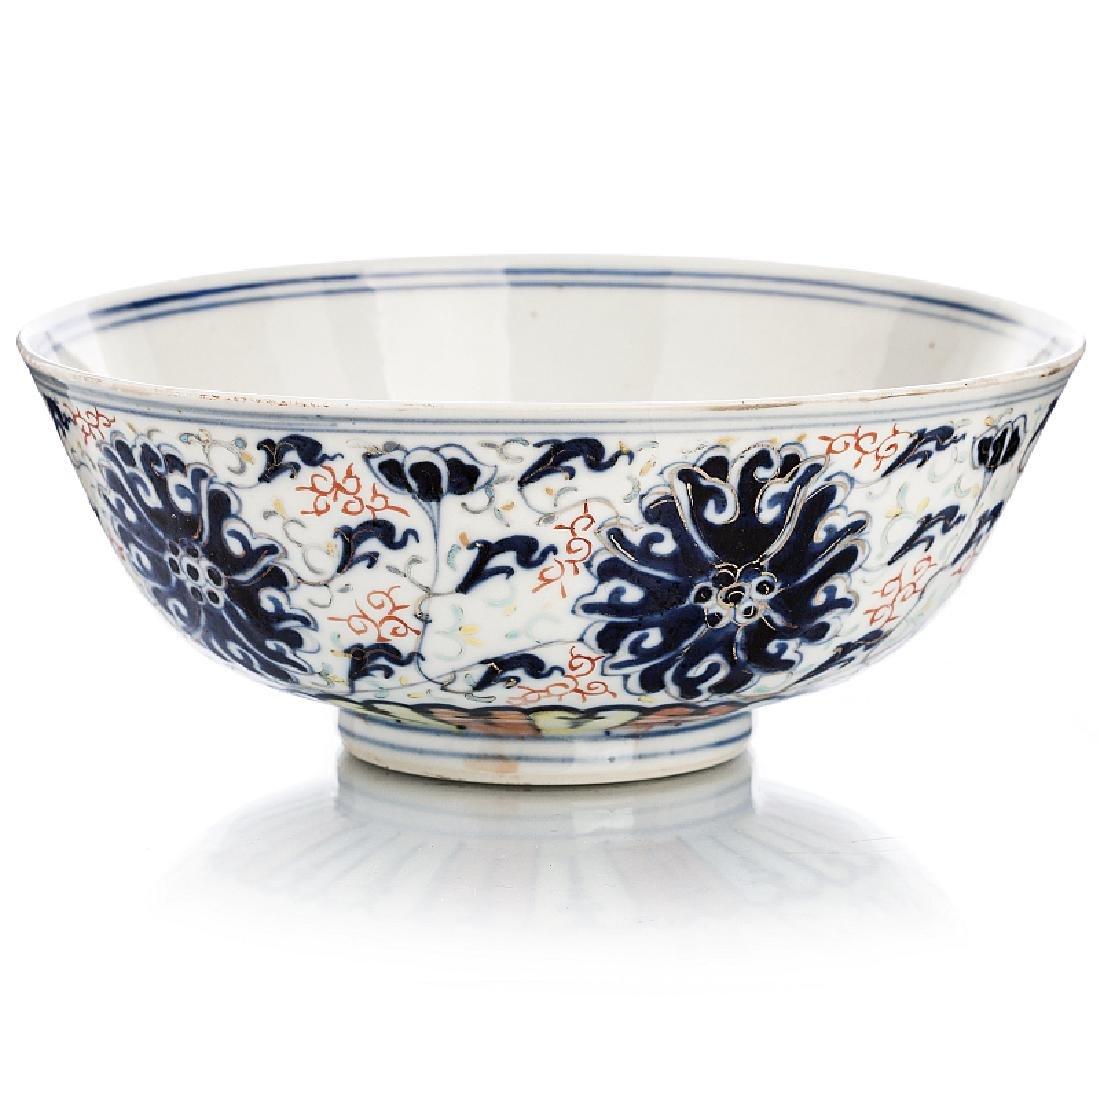 Bowl 'Lotus flower' in Chinese porcelain, Guangxu